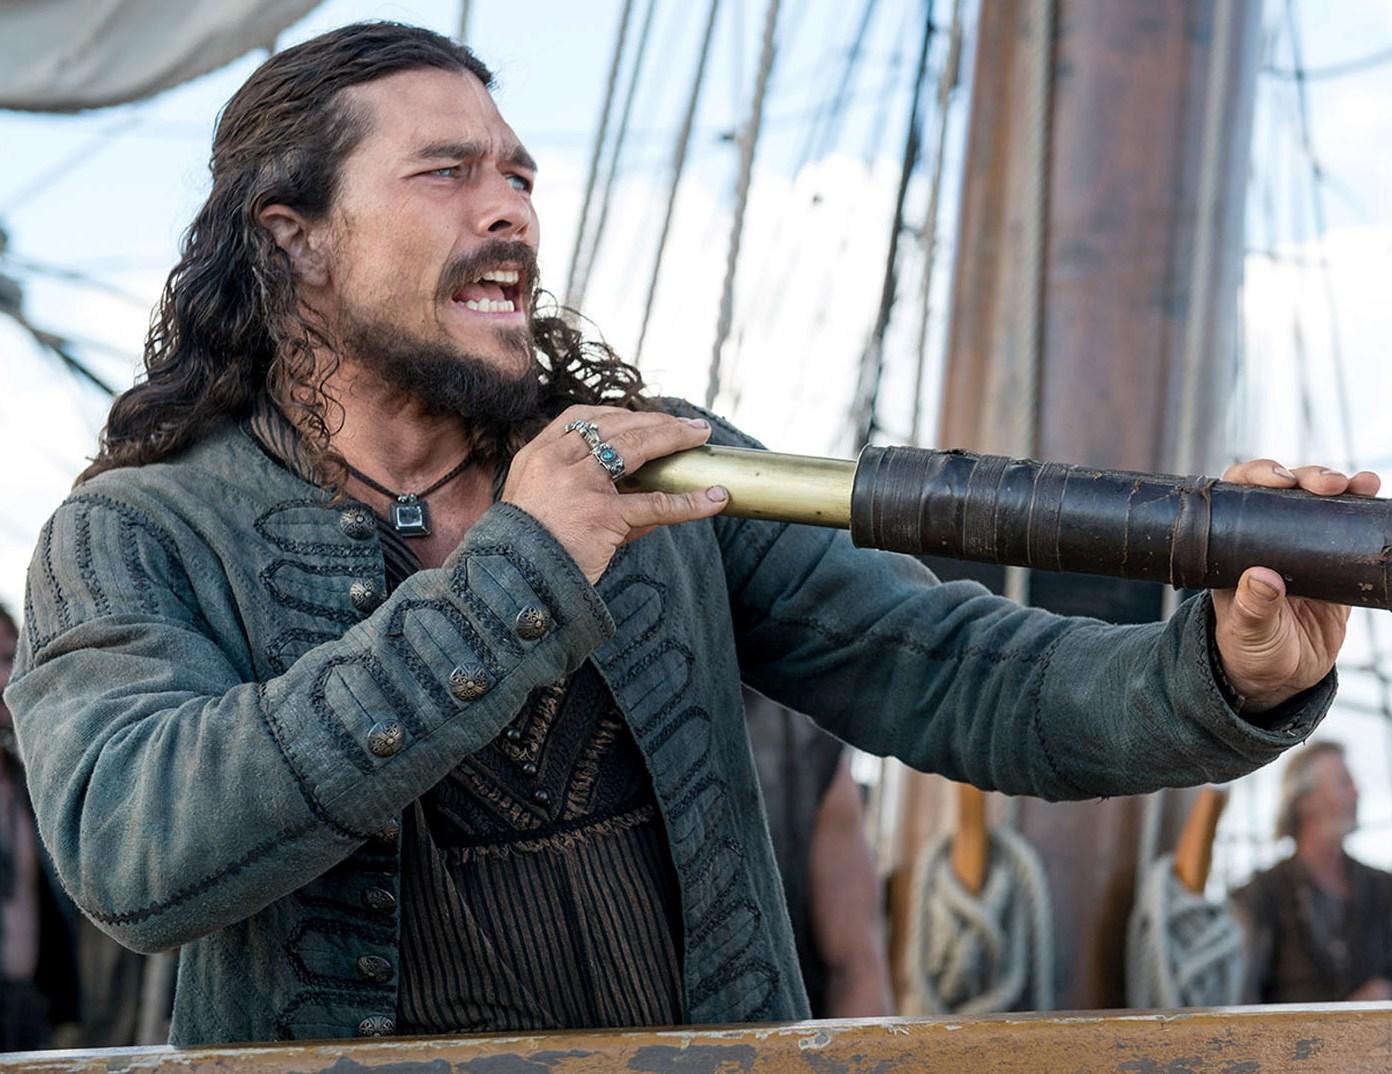 Black sails s3 pirate captain flint leather coat - John Silver Black Sails S3 Luke Arnold Leather Coat